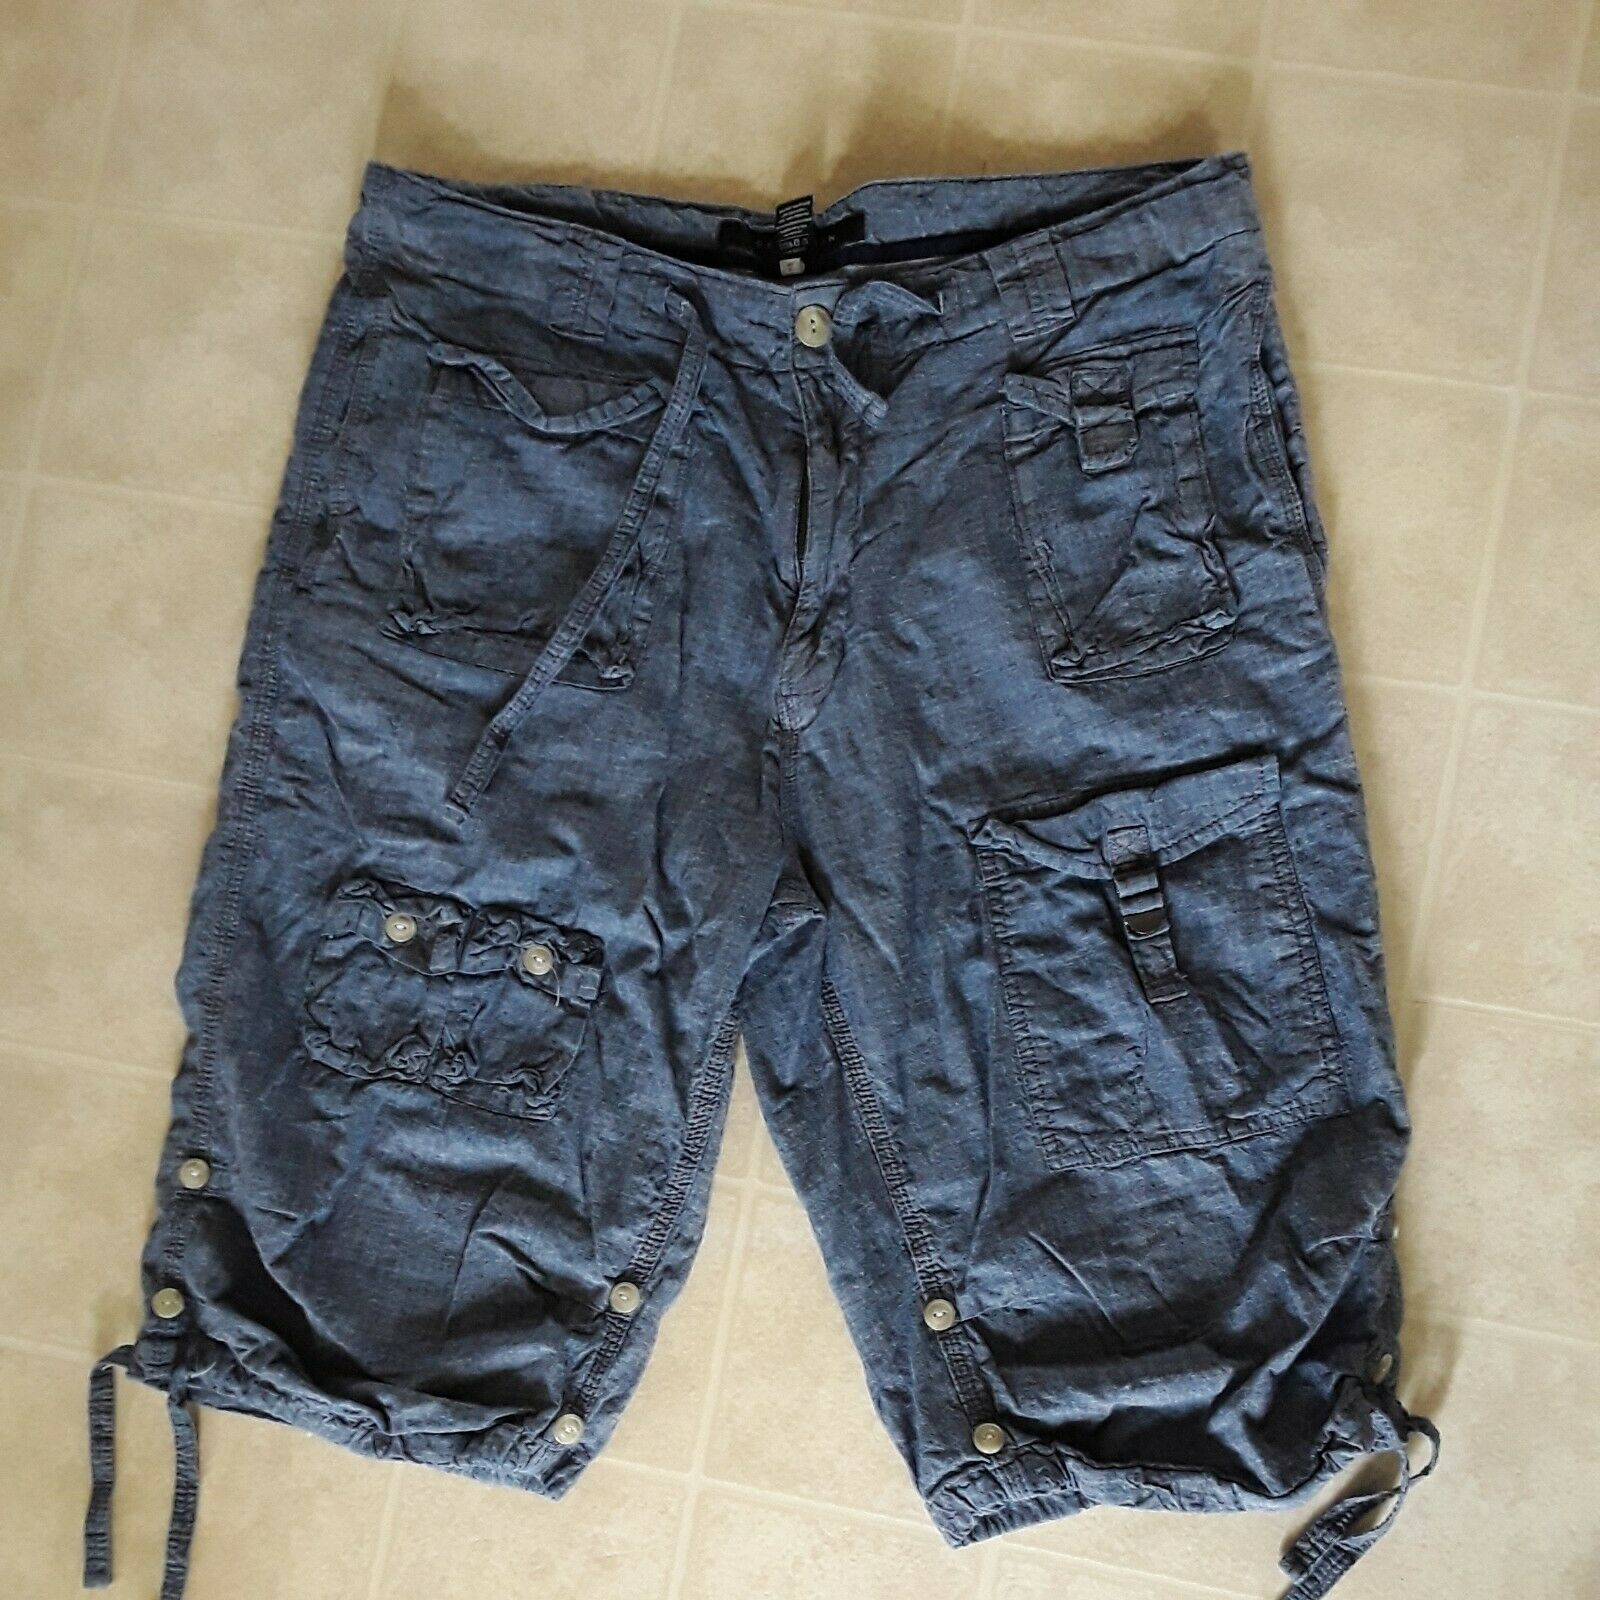 Sean John Holgado Cargo De Hombre Talla 36 Largo Hip Hop Chambry Pantalones Cortos Azul